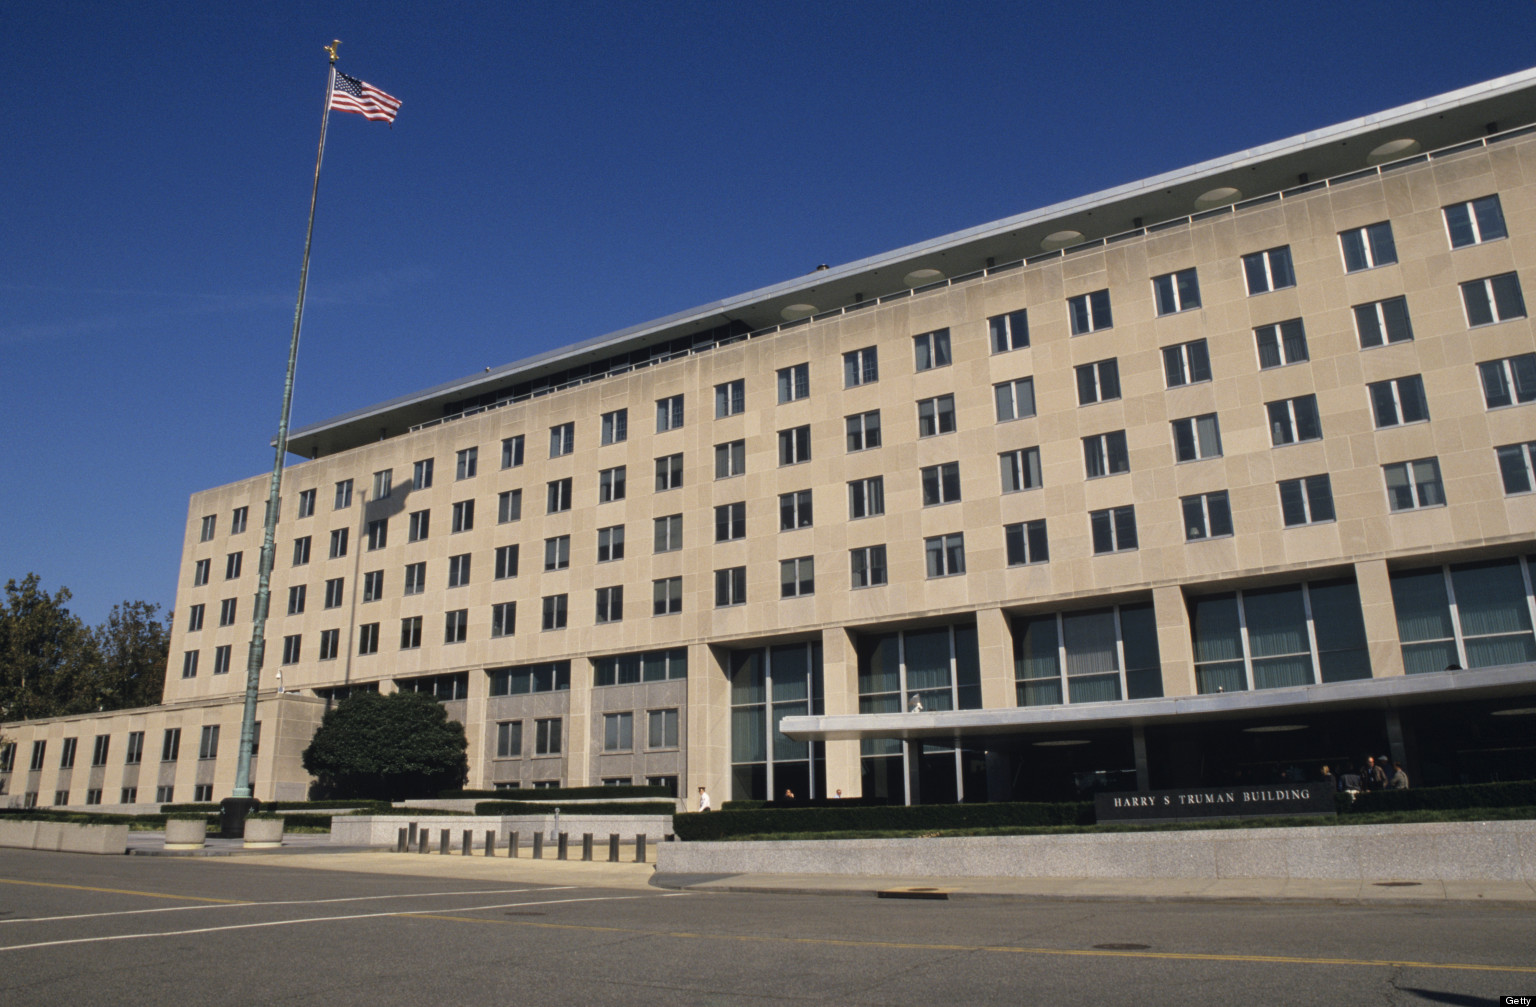 САД упозориле Мађарску због Закона о невладиним организацијама